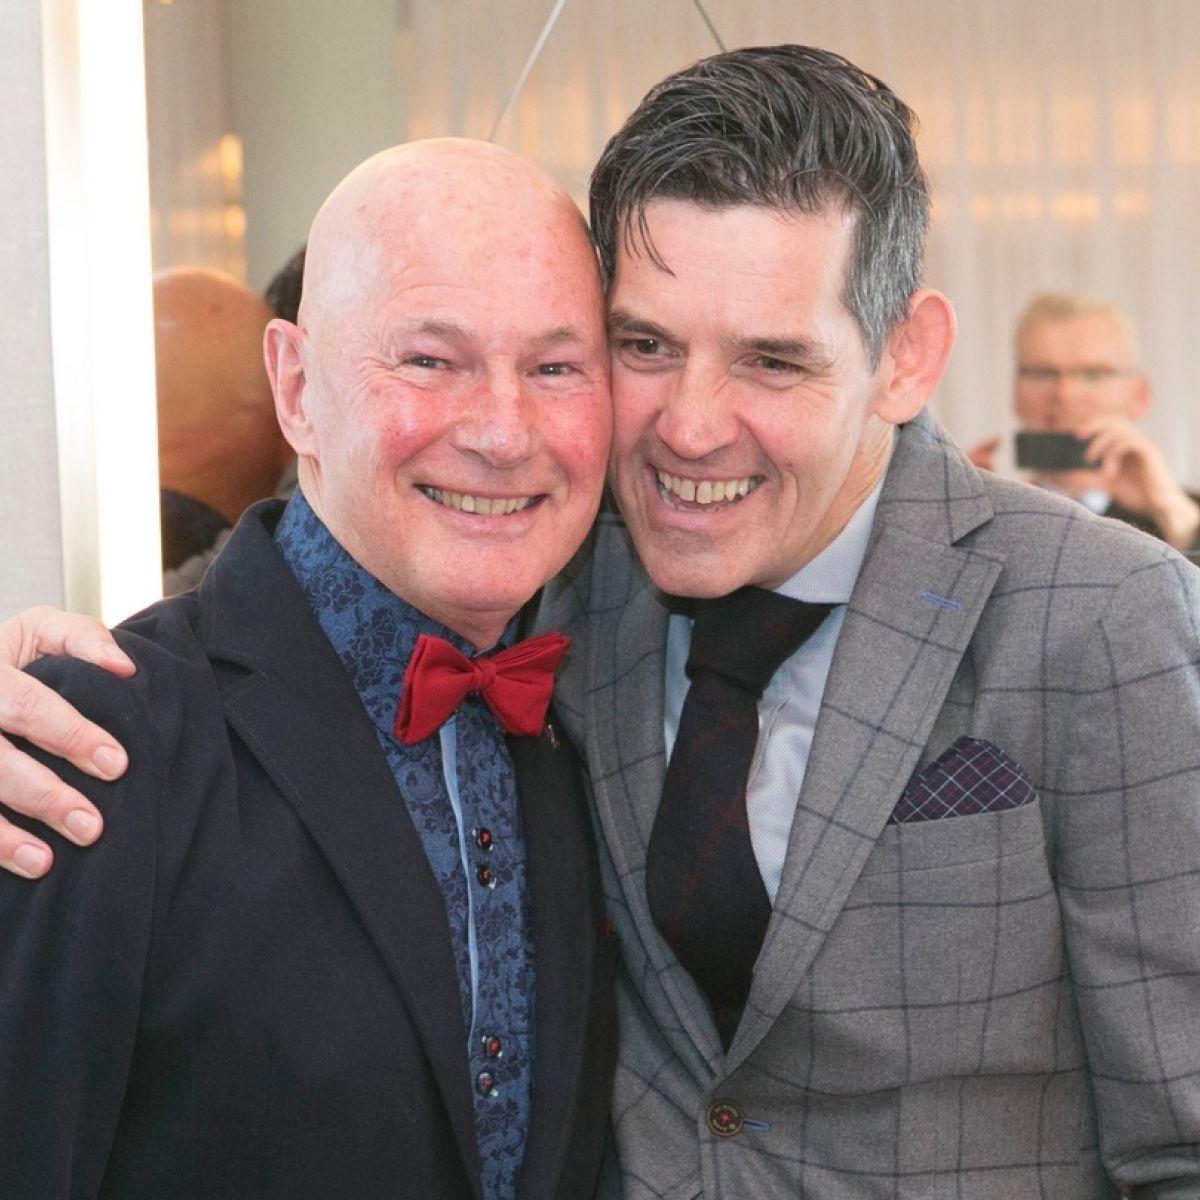 Kilrush Co Clare Ireland Gay Personals - Mingle2